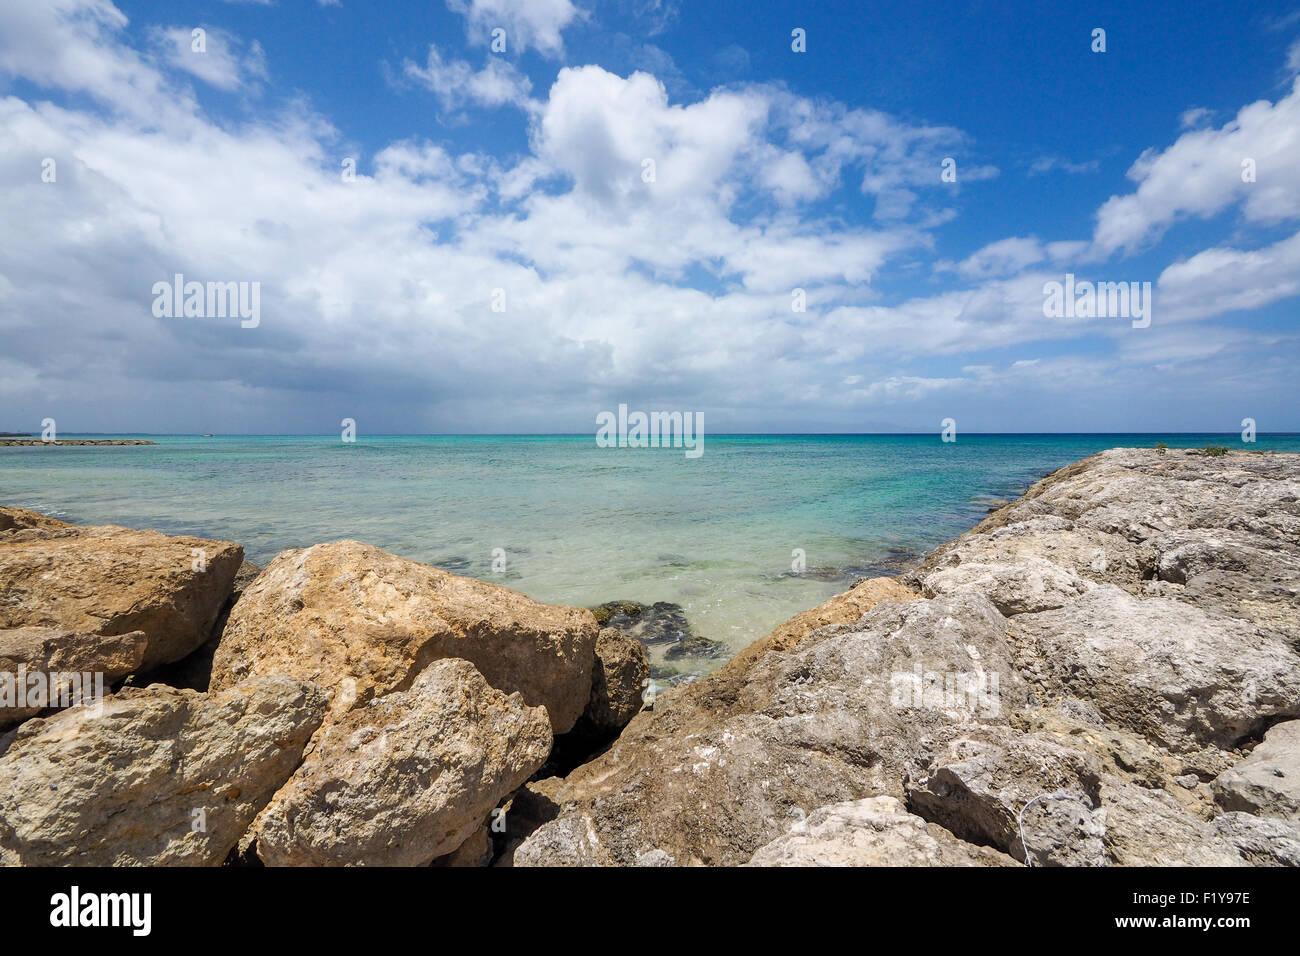 Paysage ensoleillé, sur l'horizon bleu de la mer avec des rochers, Grande Terre, Guadeloupe, West Indies Photo Stock